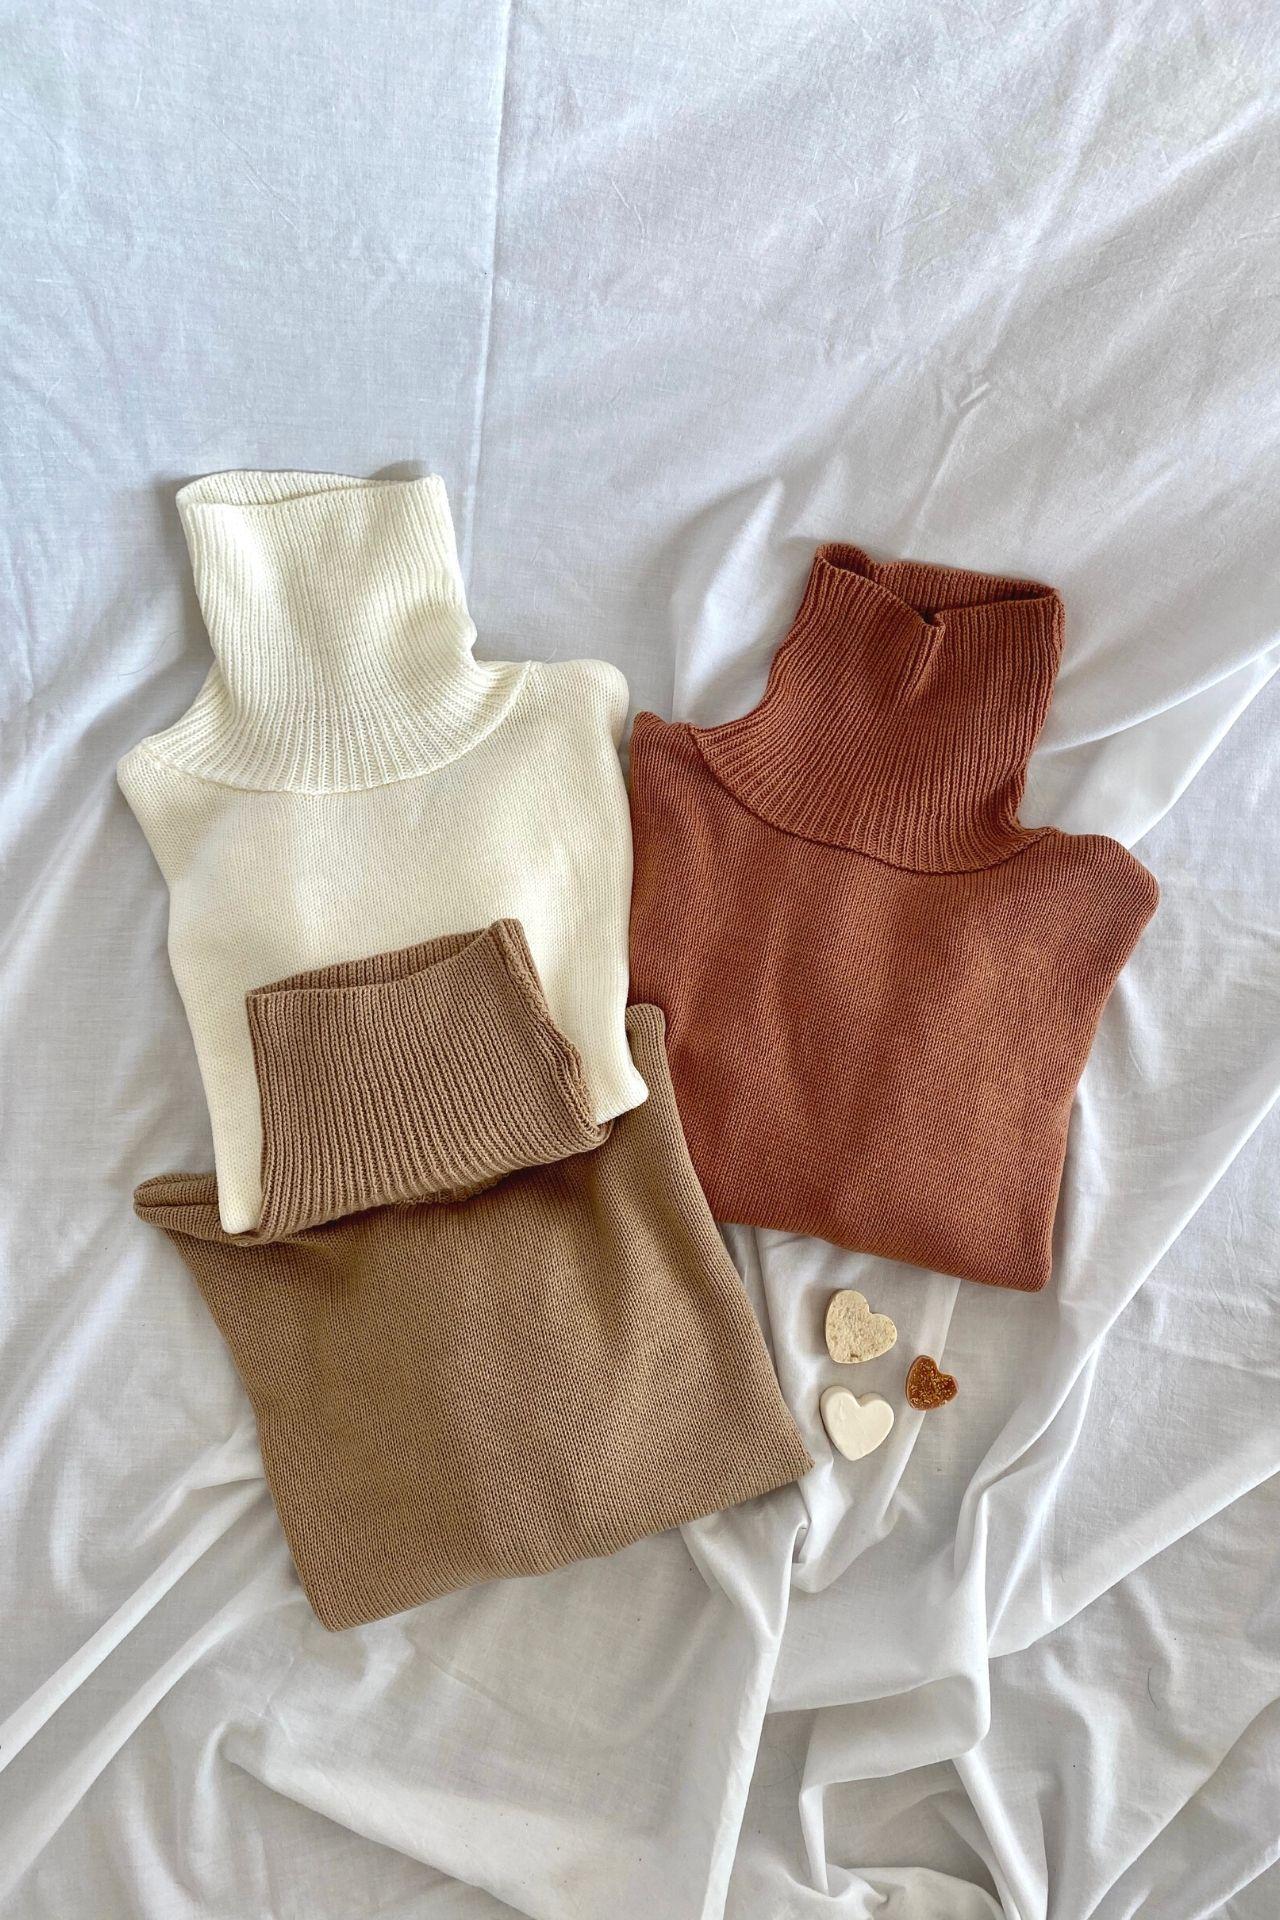 Chompa súper cómoda y abrigadora.  Medidas:  Largo( cuello- abajo): 64 cm  Largo manga: 66 cm  Ancho Total: 116 cm